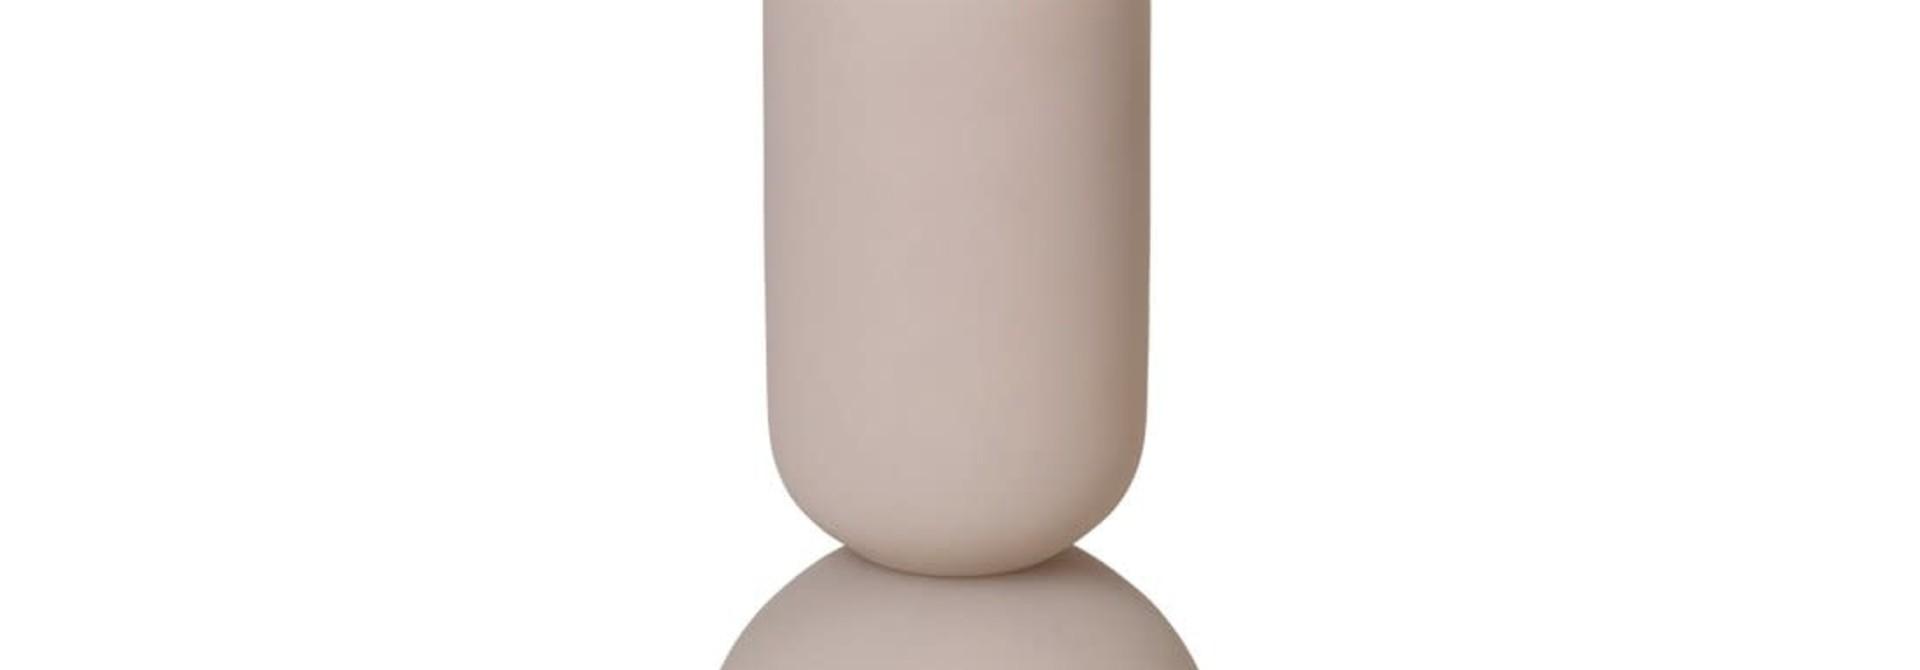 Dual vase